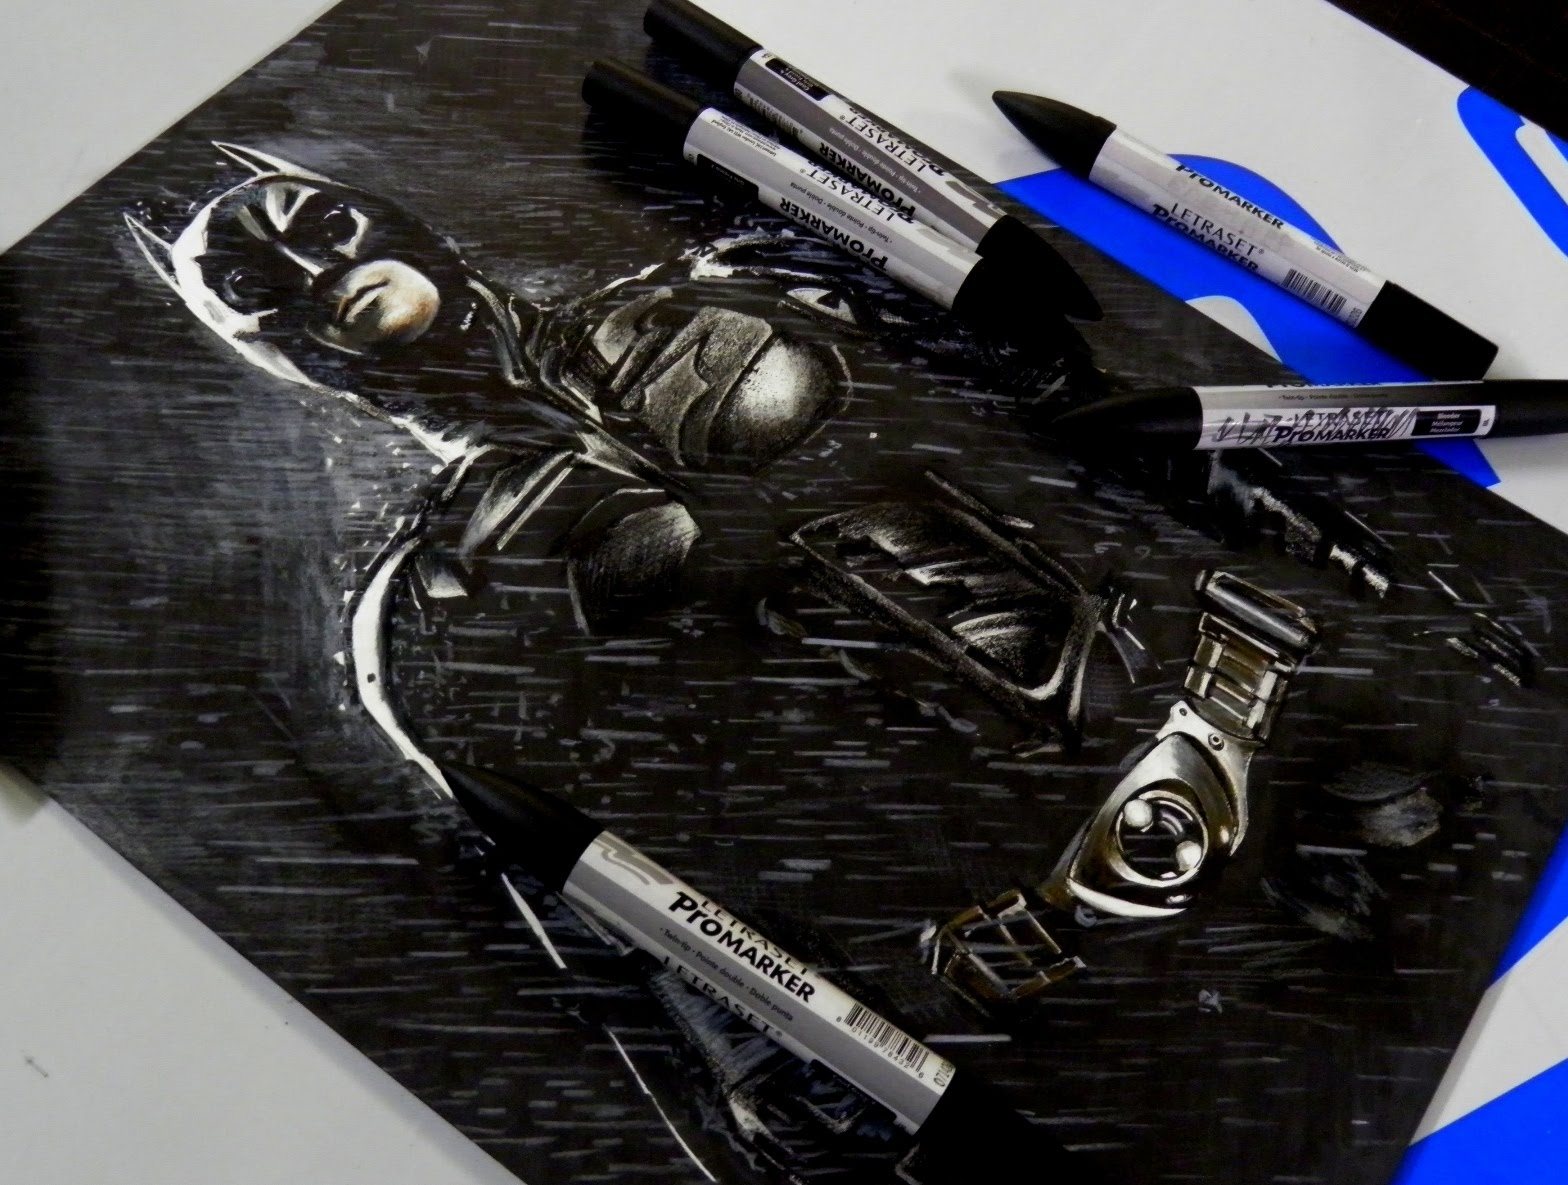 Drawn batman batman dark knight The Drawing Dark Knight